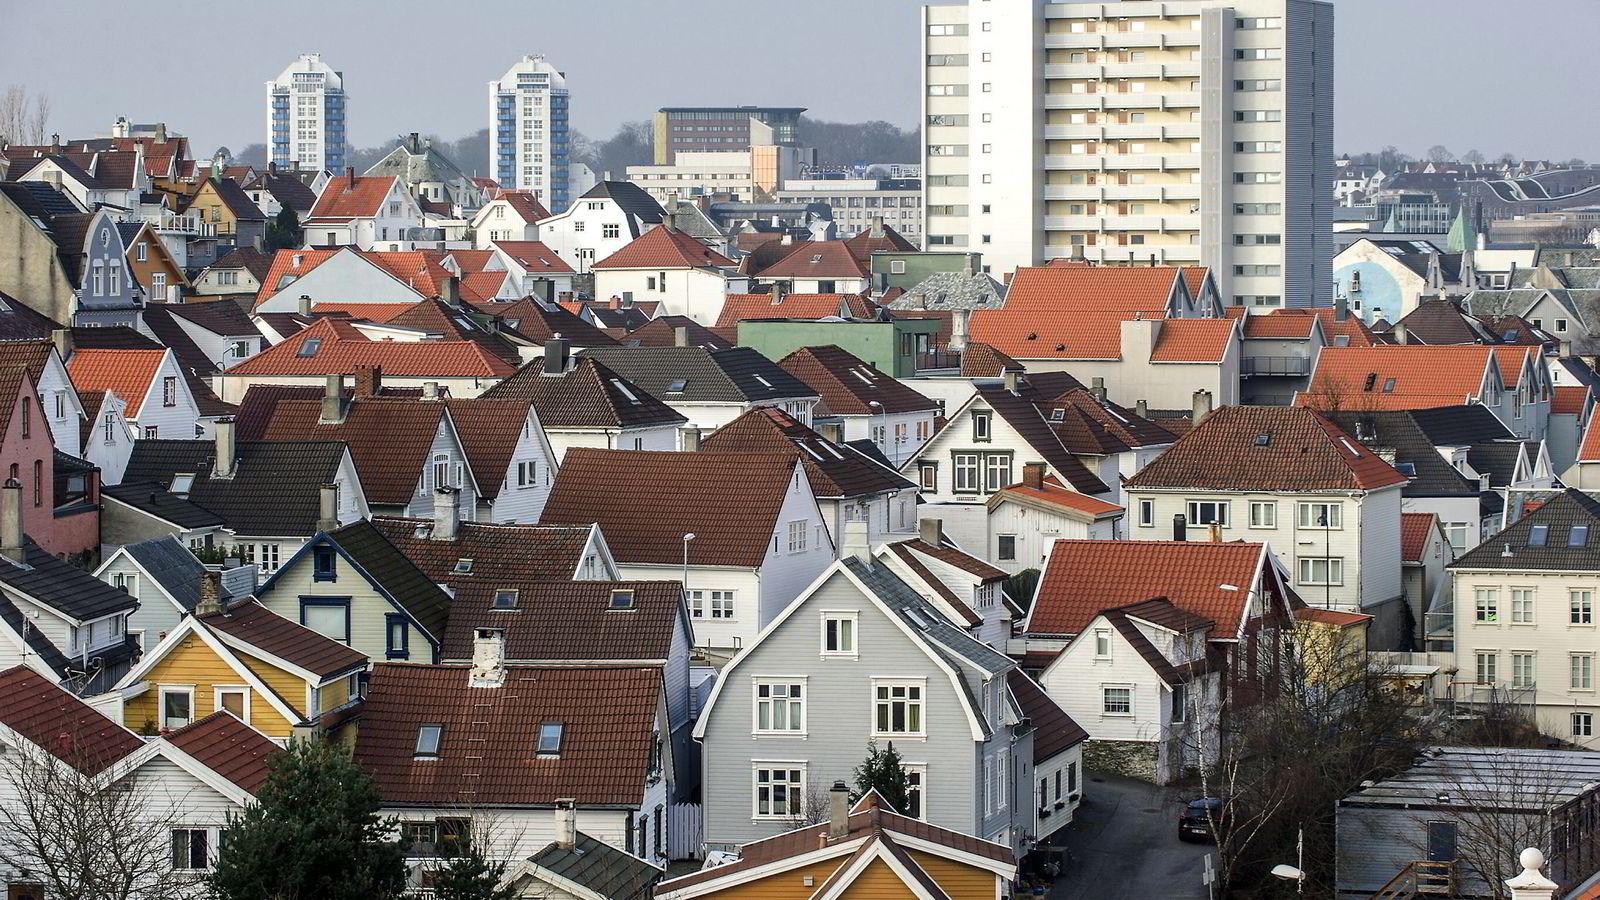 Oljesmellen gir stadig flere tomme boliger i Stavanger. Flere eksperter ser for seg mange år med prisfall. Foto: Kristian Helgesen/